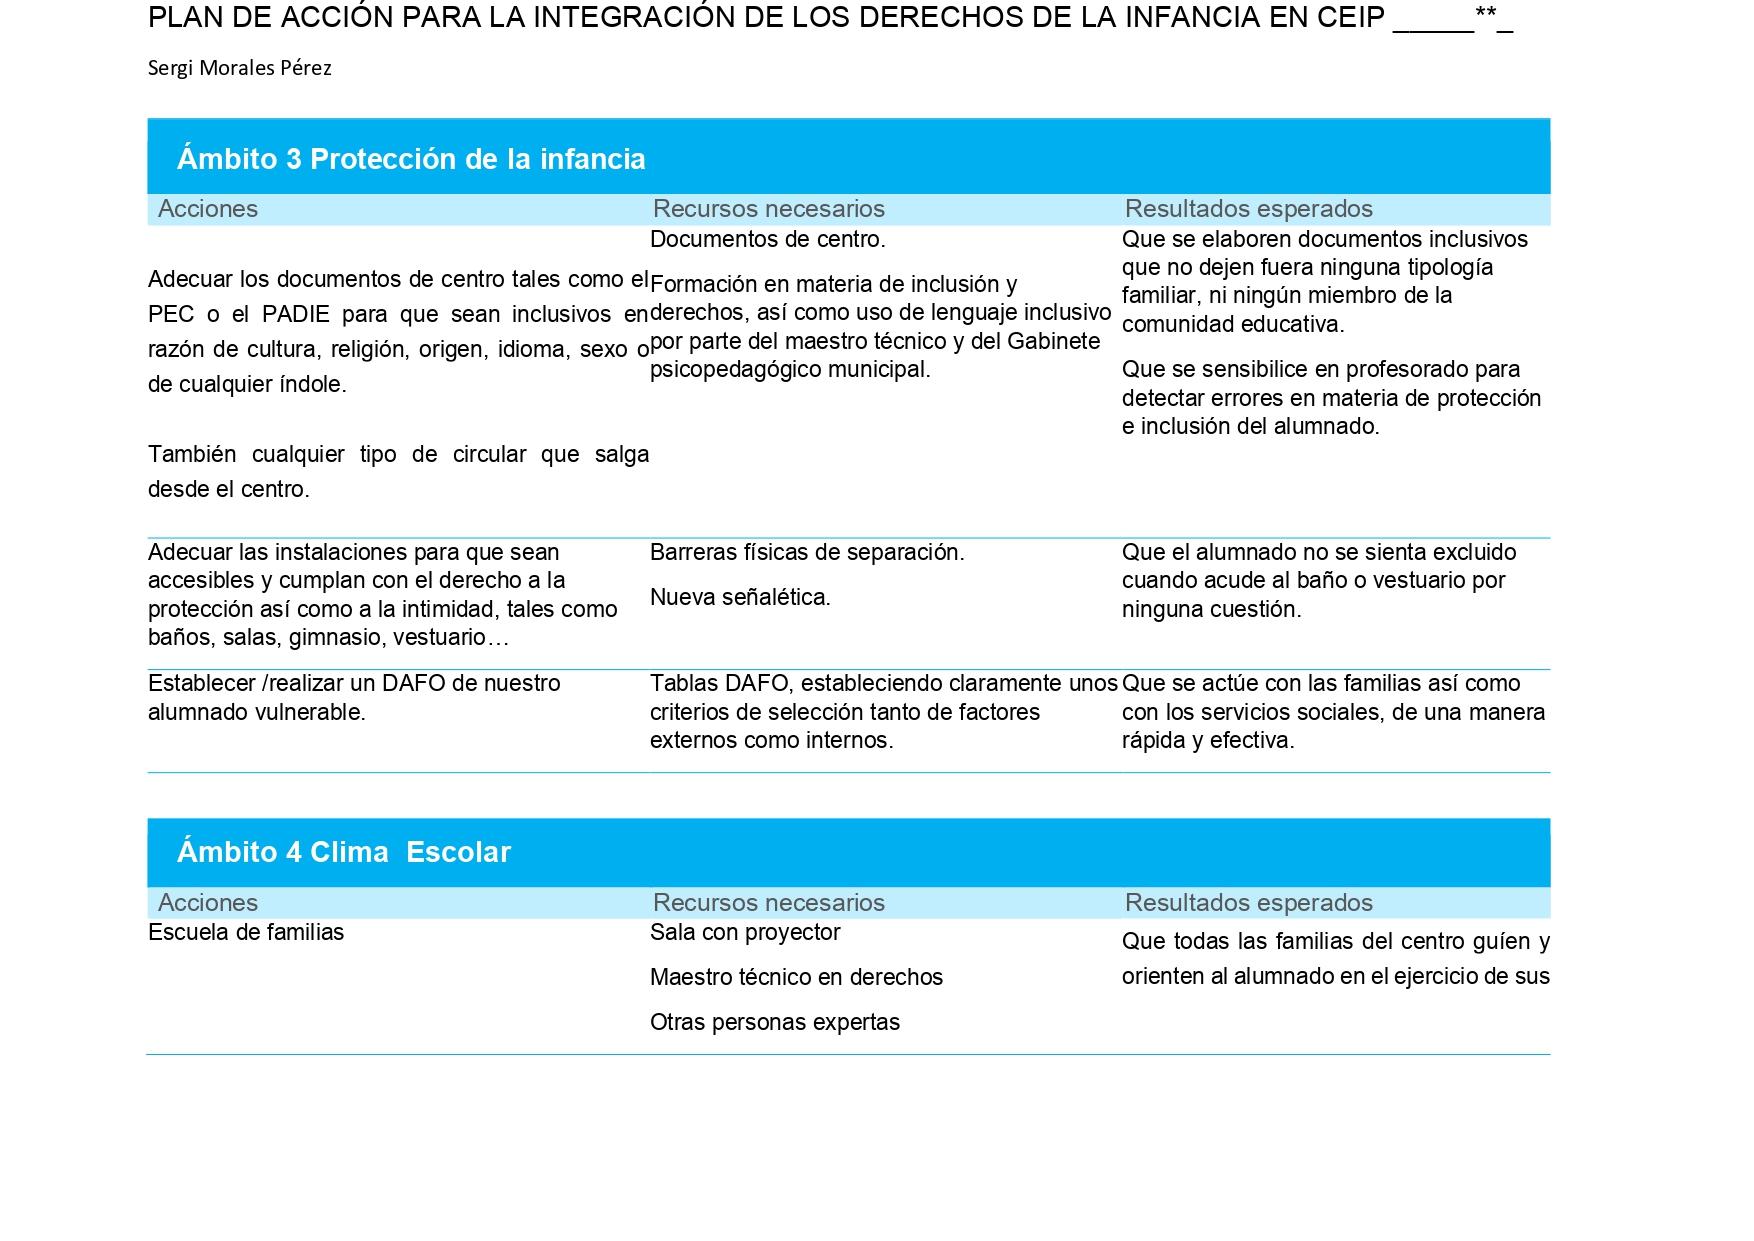 PLAN DE ACCIÓN PARA LA INTEGRACIÓN DE LOS DERECHOS DE LA INFANCIA EN CEIP_page-0003